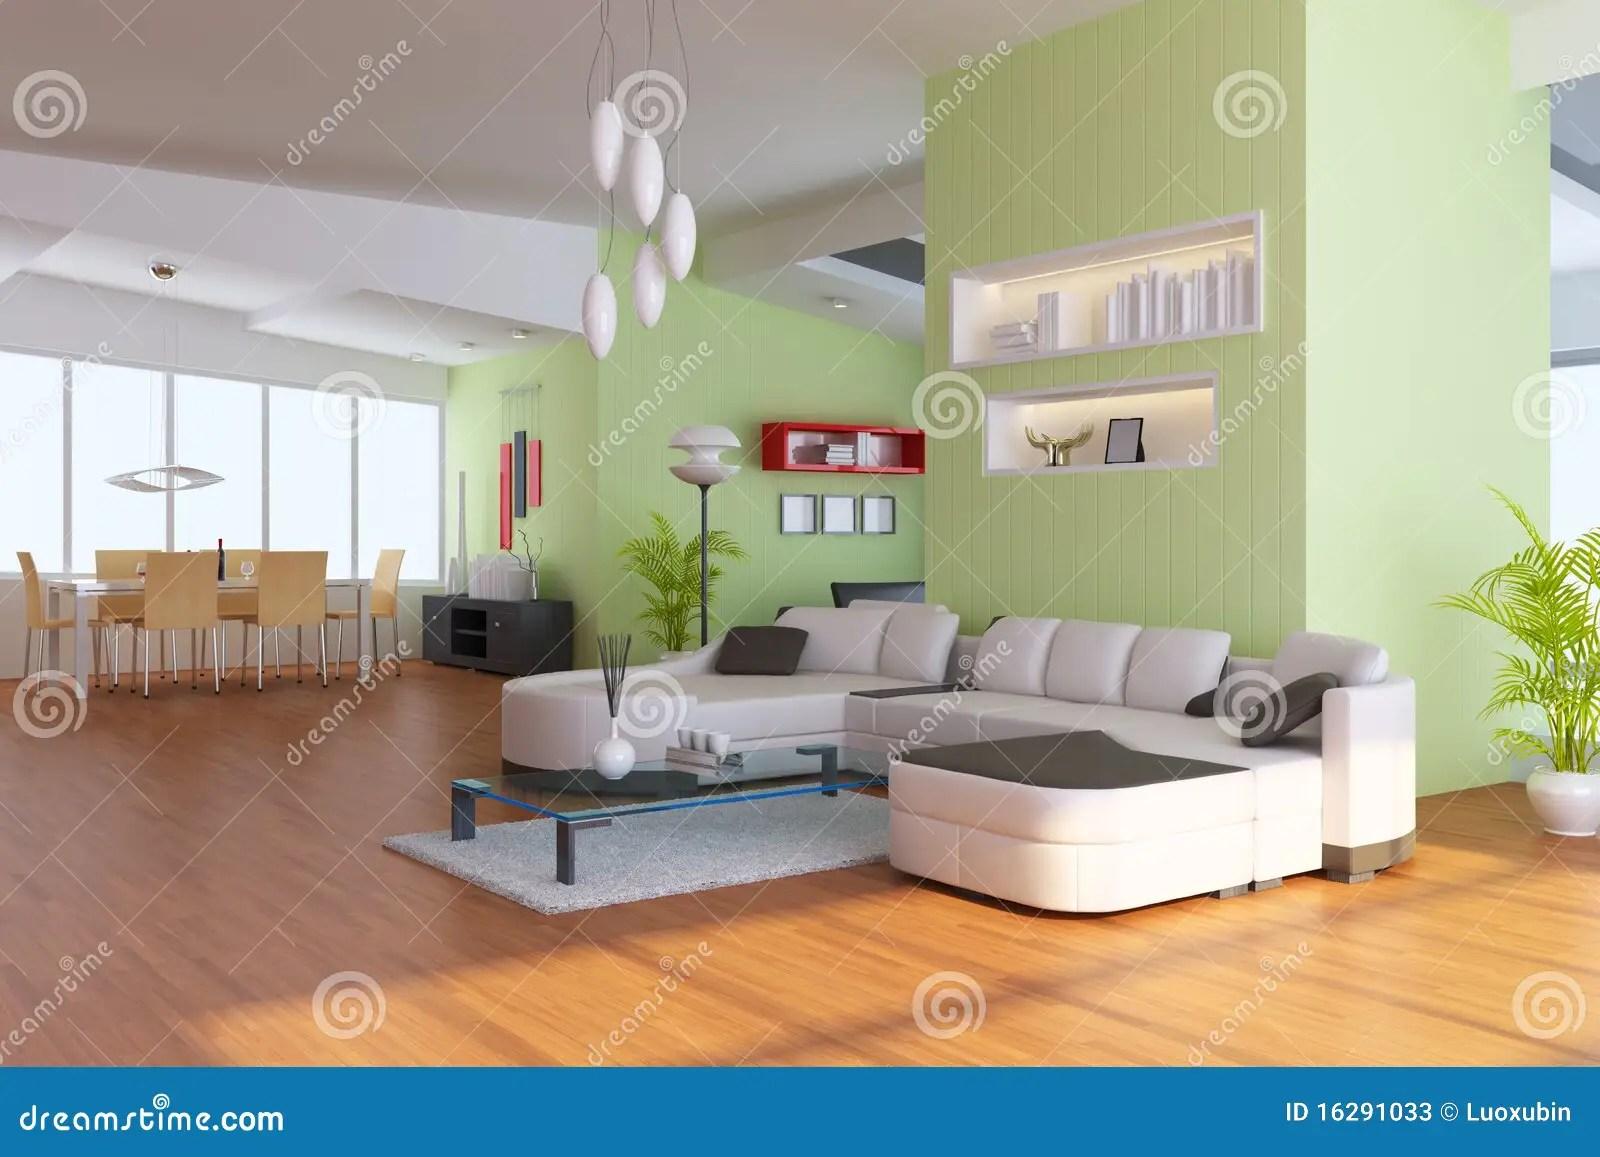 Modernes Wohnzimmer Stockfotos  Bild 16291033